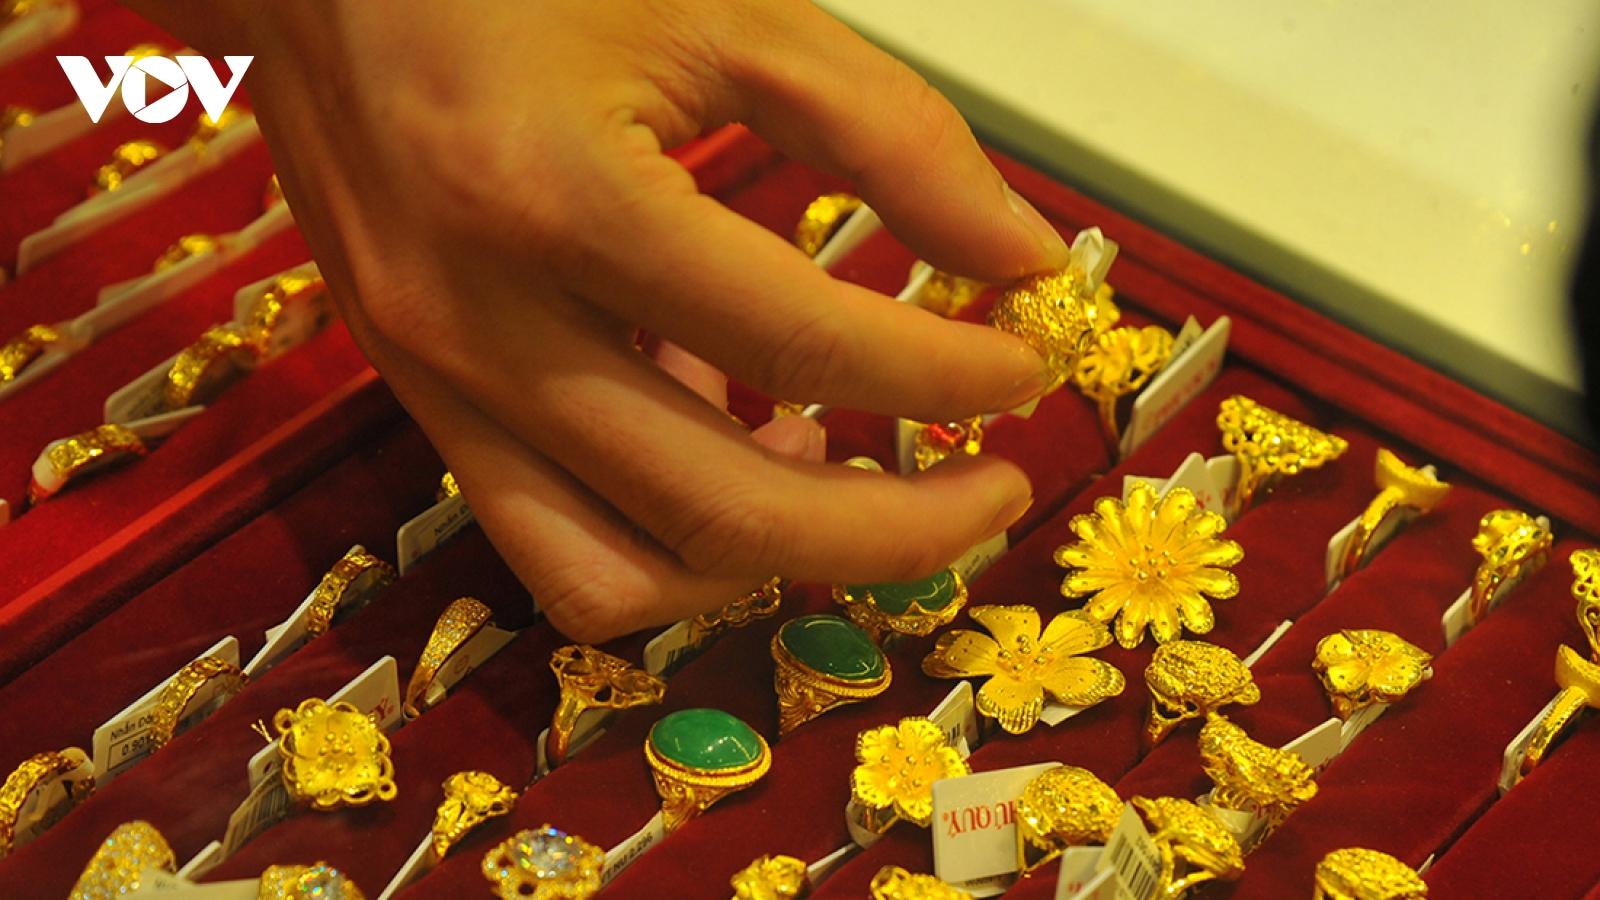 Giá vàng thế giới tăng mạnh nhưng vẫn thấp hơn giá vàng SJC 3,46 triệu đồng/lượng